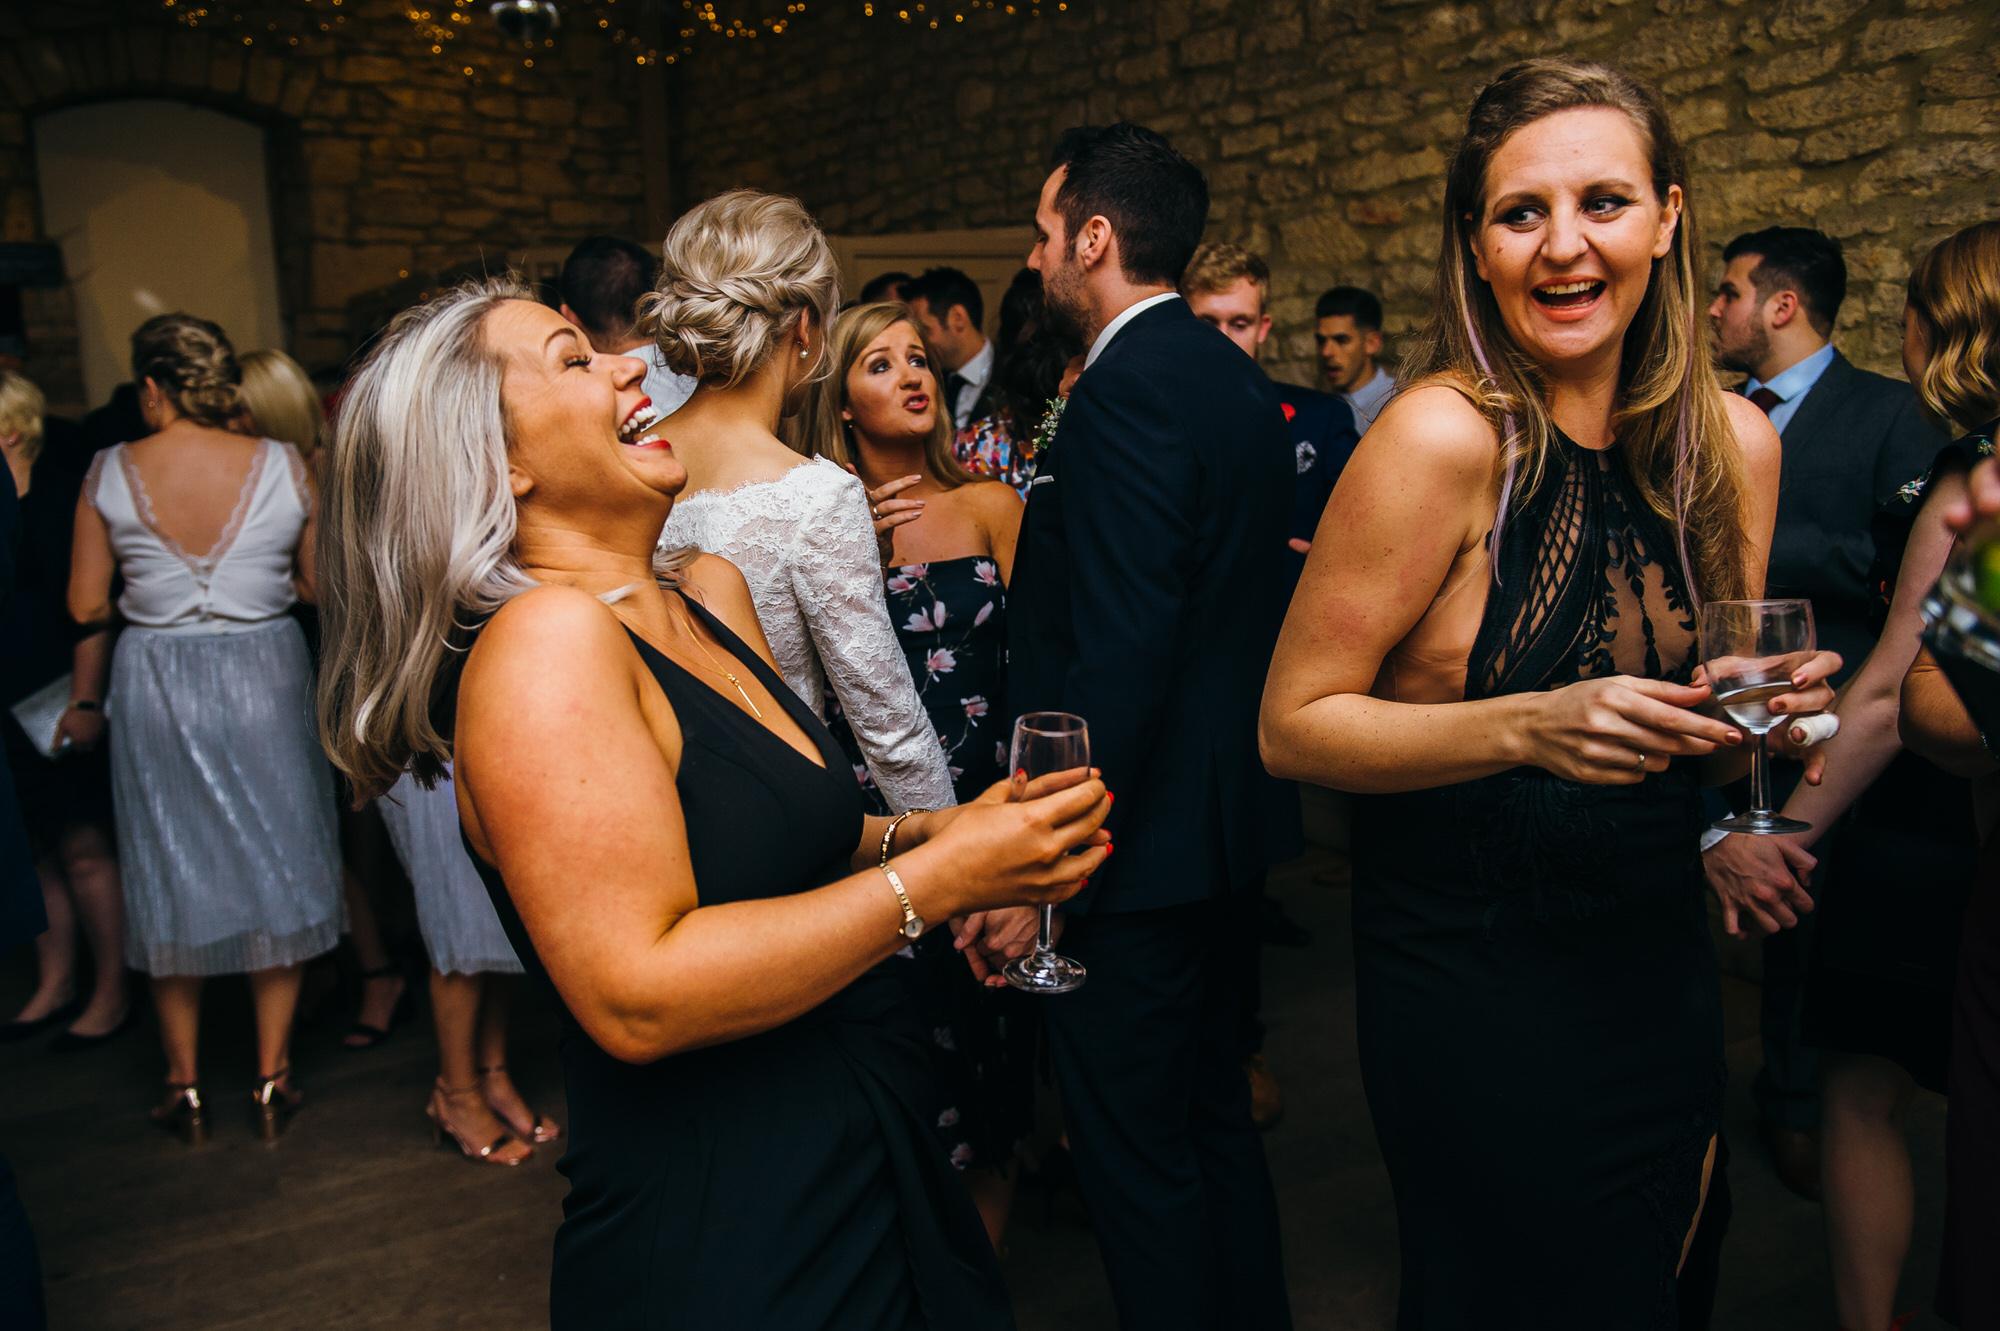 Brympton wedding dance by simon biffen photography 46